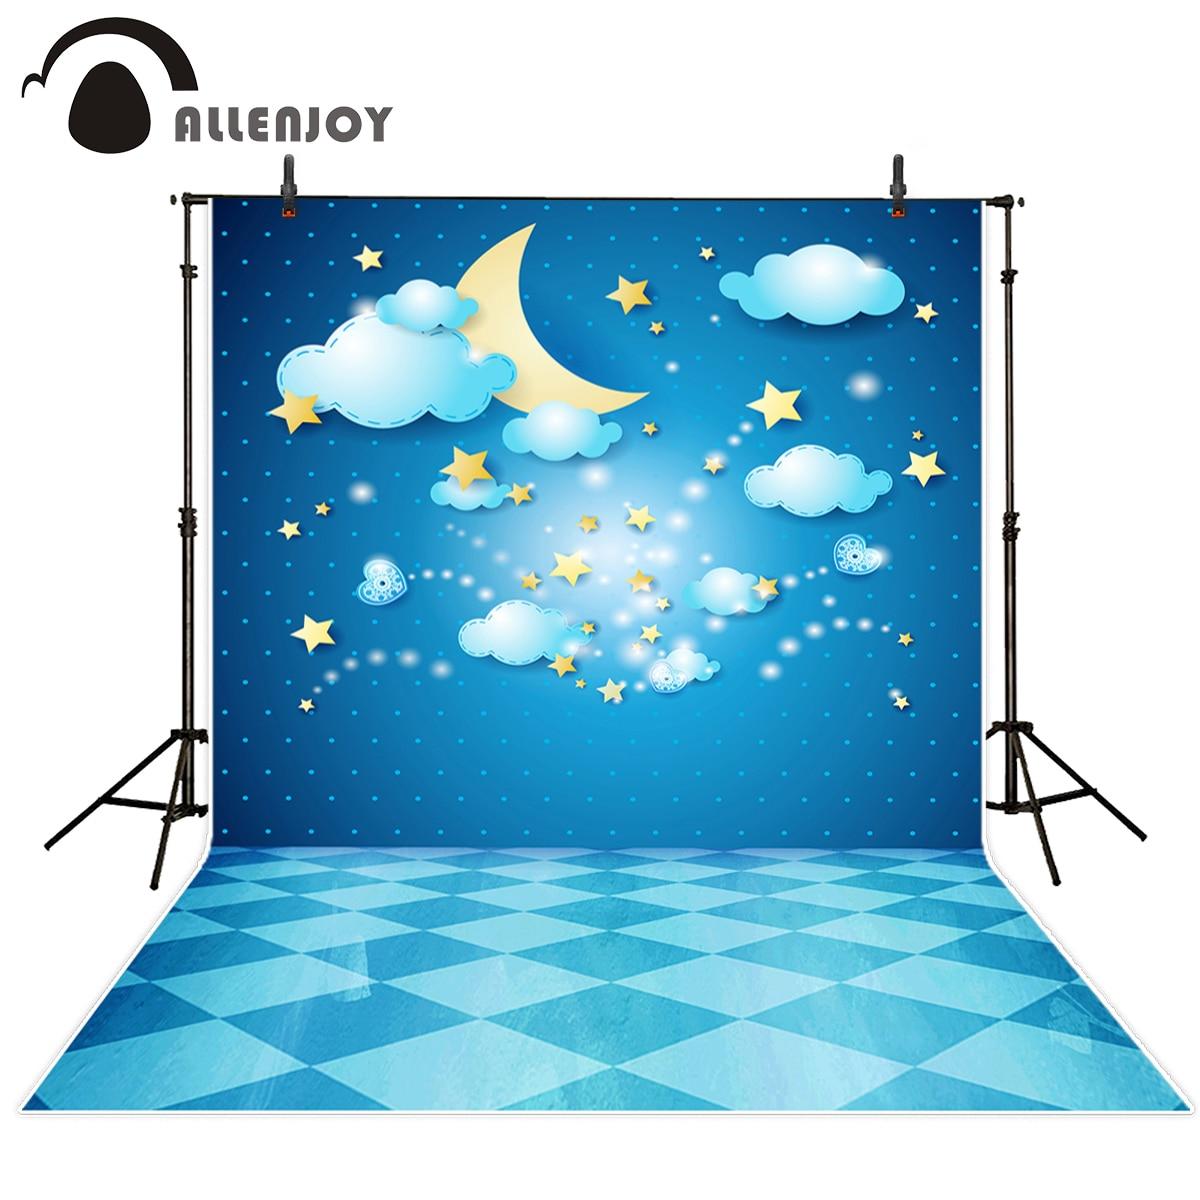 Allenjoy фон для фотосъемки с облаками, звездами, луной, любовными местами, землей, крестиками, детский фон для фотостудии, Фотофон